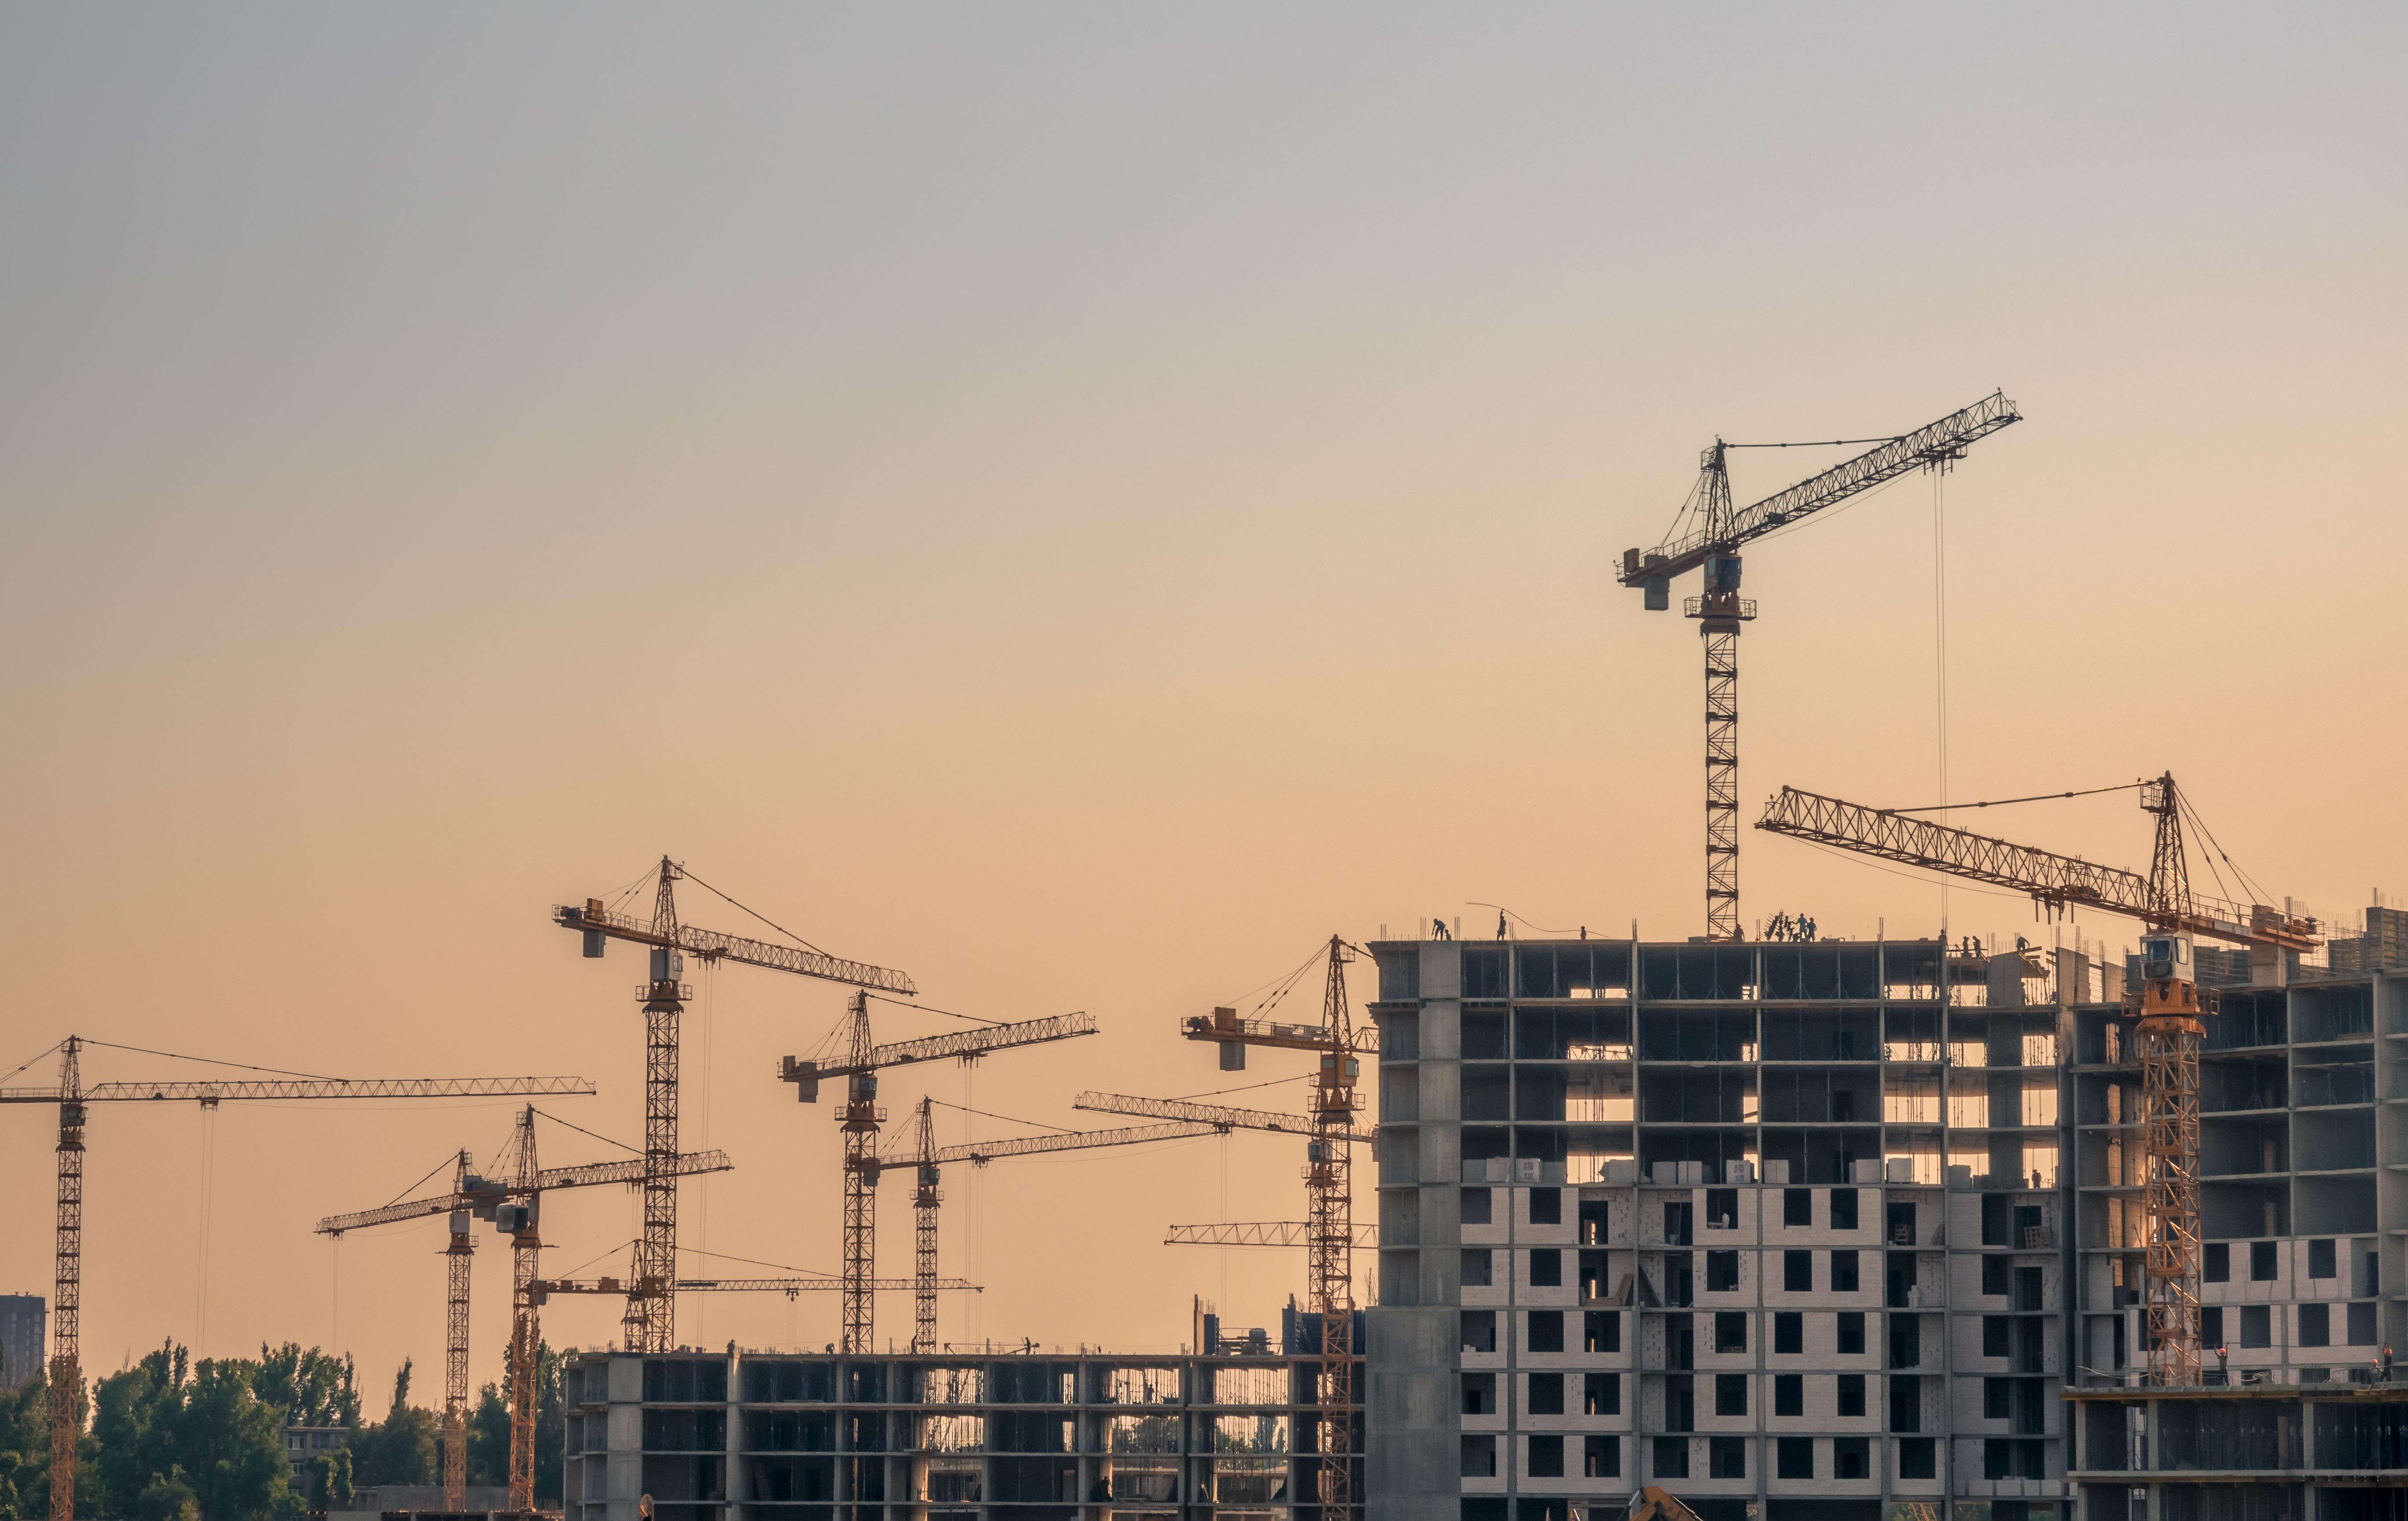 Novas construções continuam a aumentar para dar resposta à falta de oferta no imobiliário